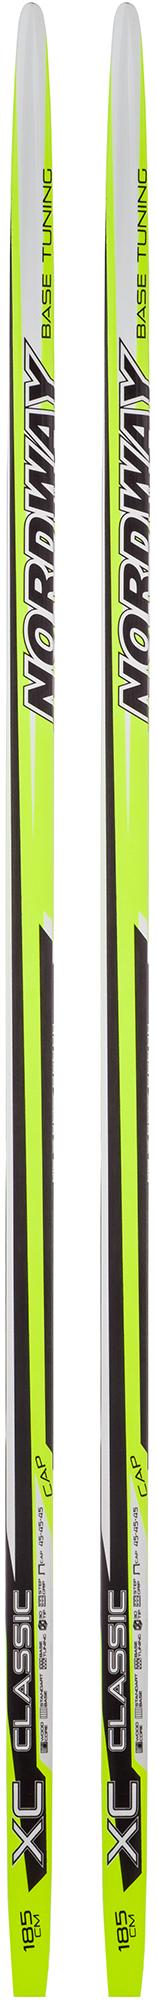 Nordway Беговые лыжи Nordway XC Classic лыжи беговые tisa top universal с креплением цвет желтый белый черный рост 182 см